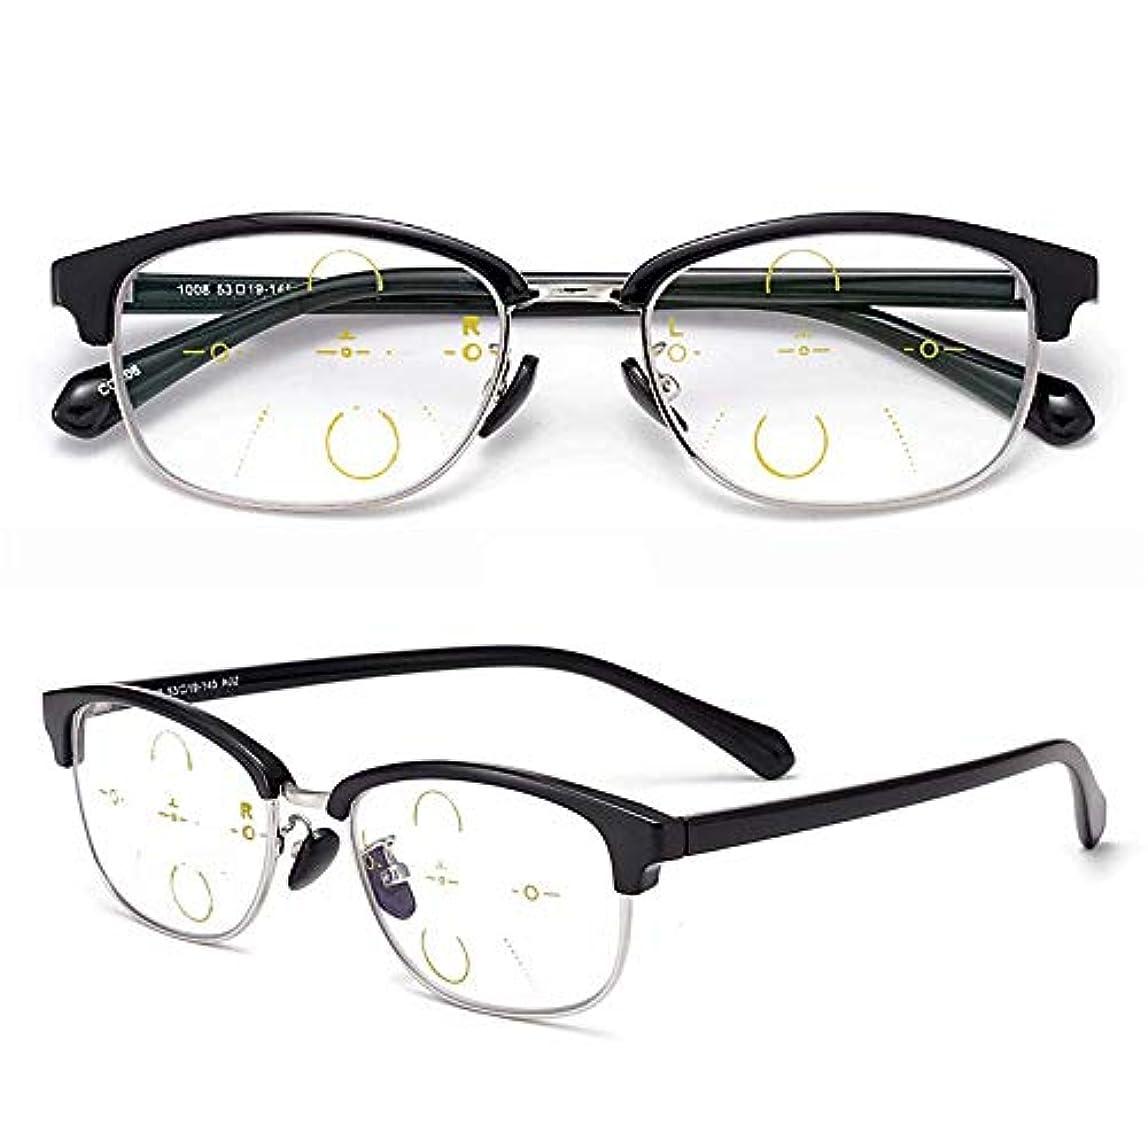 老眼鏡変色老眼鏡インテリジェントズームマルチフォーカス老眼鏡、男性と女性のダブルライトハーフフレームファッション老眼鏡抗放射線とUV保護 (ブラックシルバー,200°)